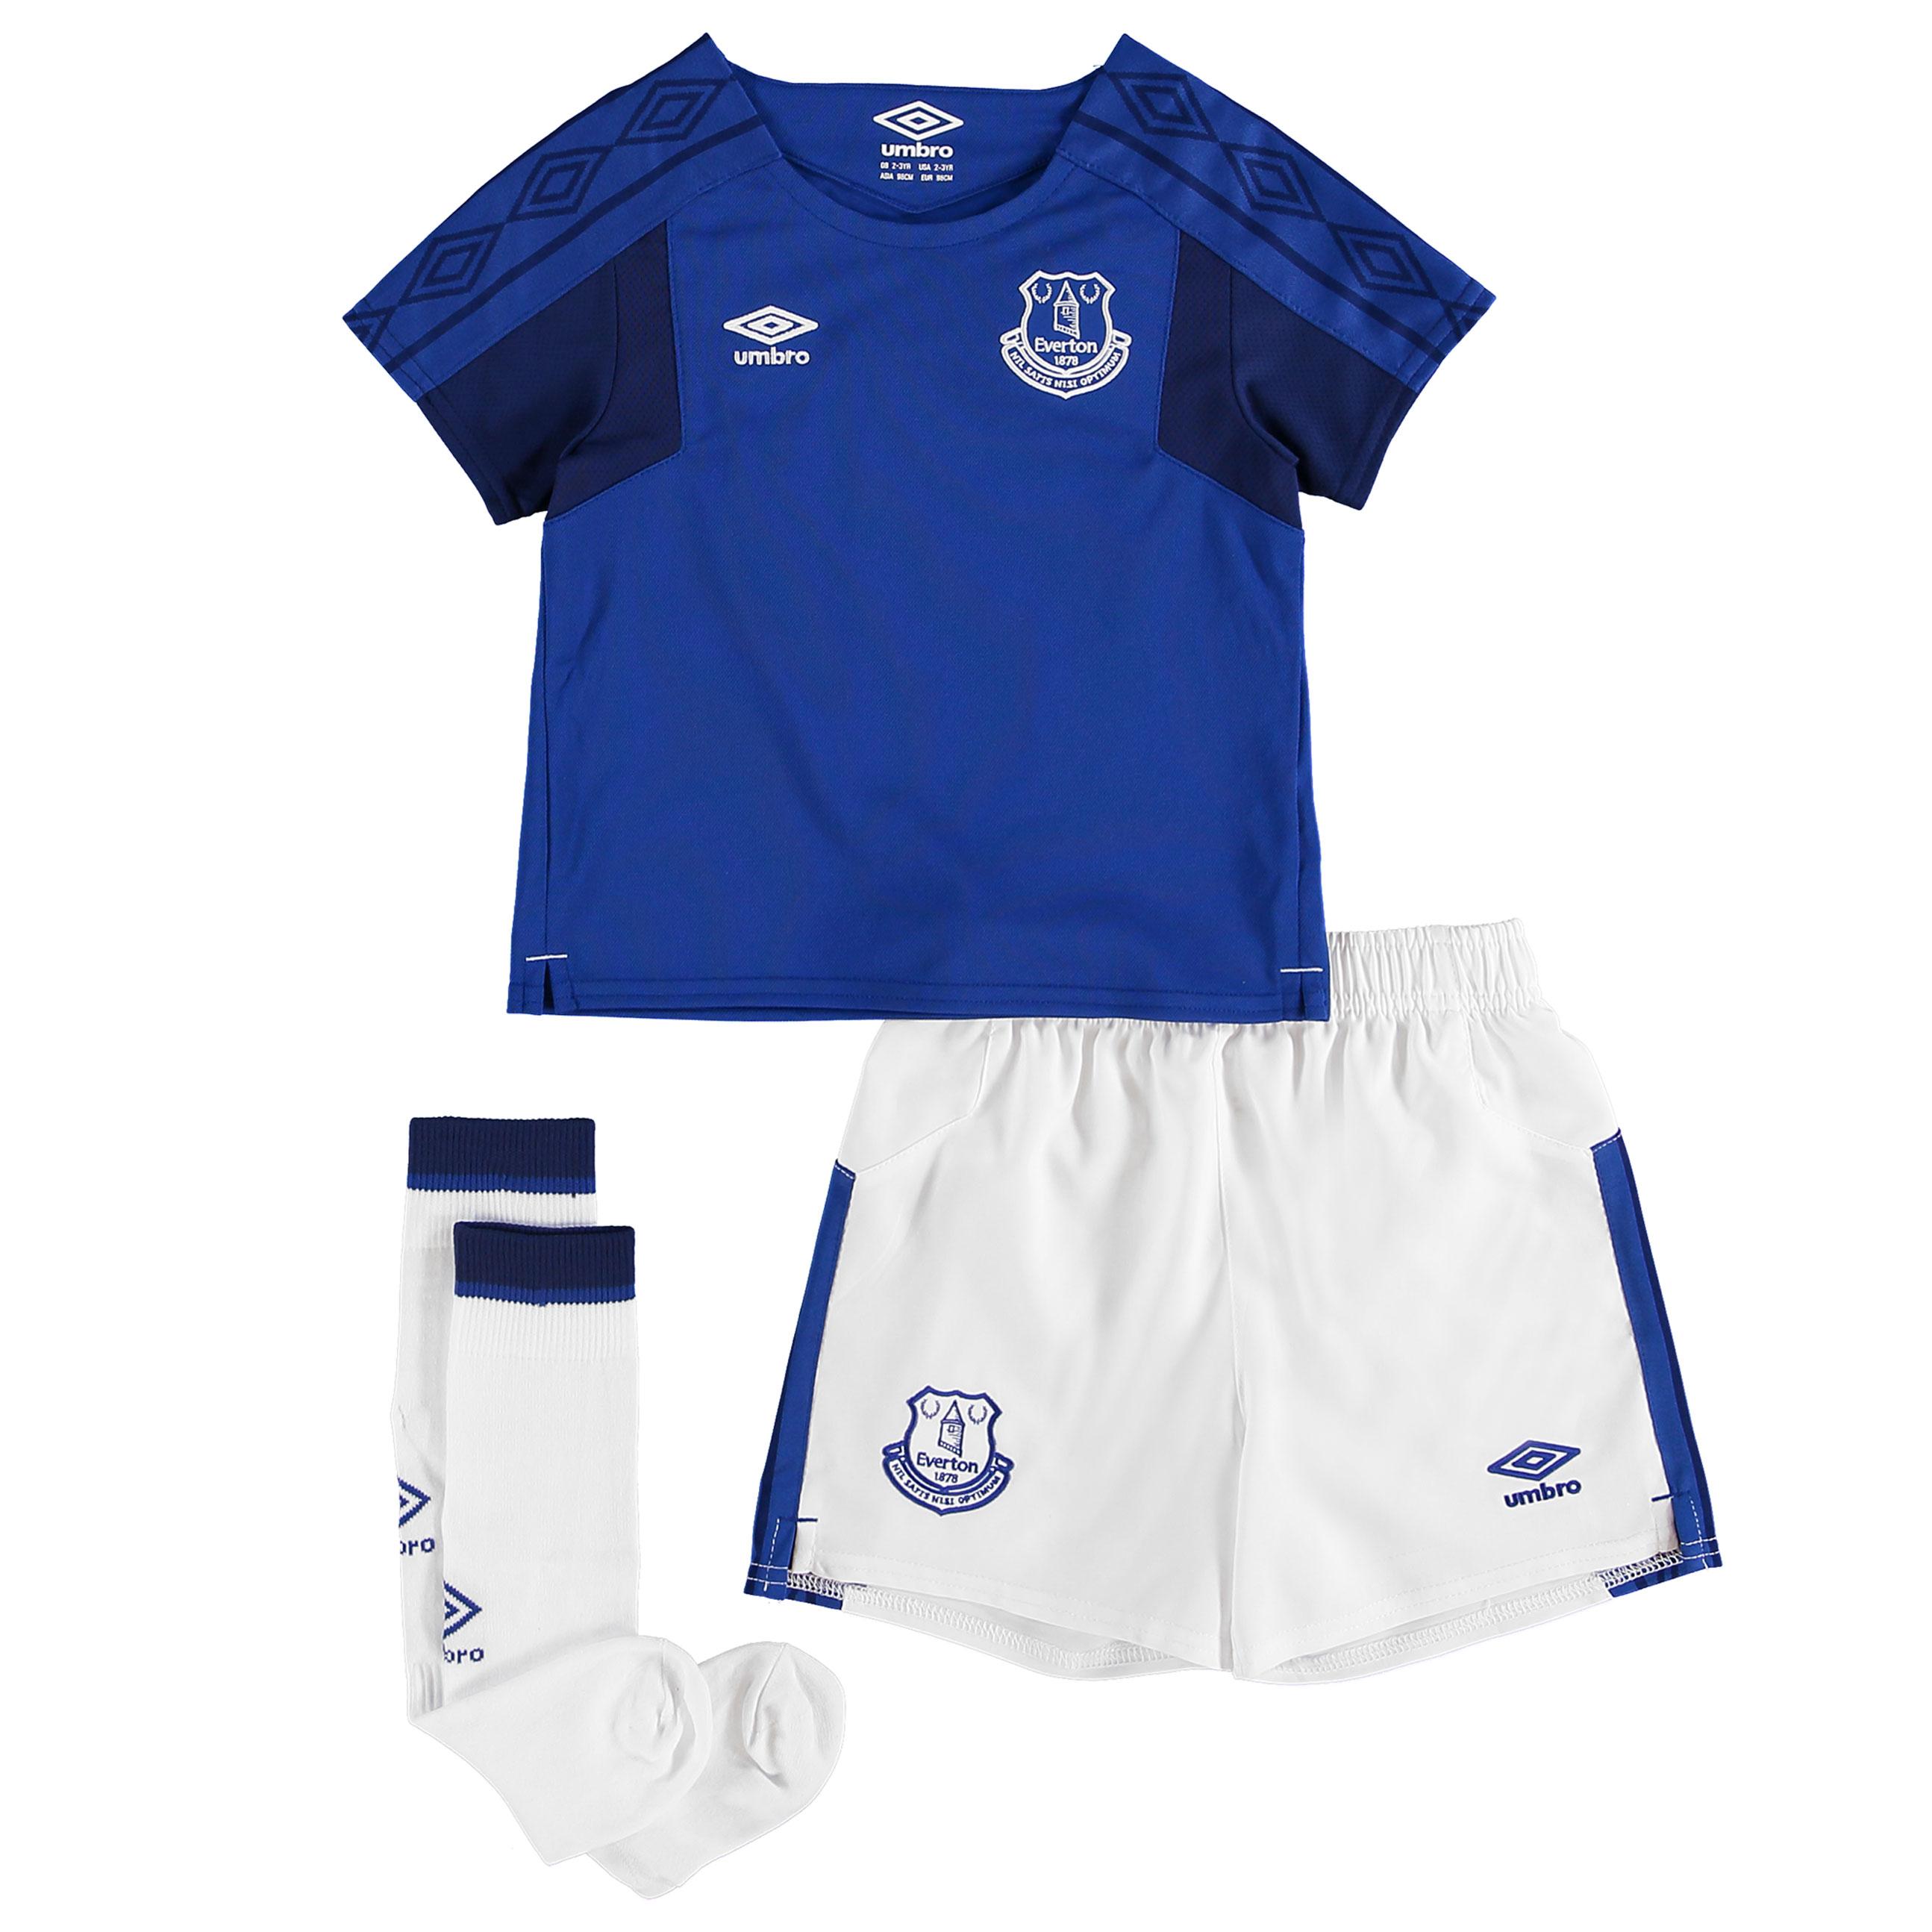 3dff52e21452f Umbro Everton detský set - dres + kraťasy + štucne (2017-2018), domáci +vl.  meno